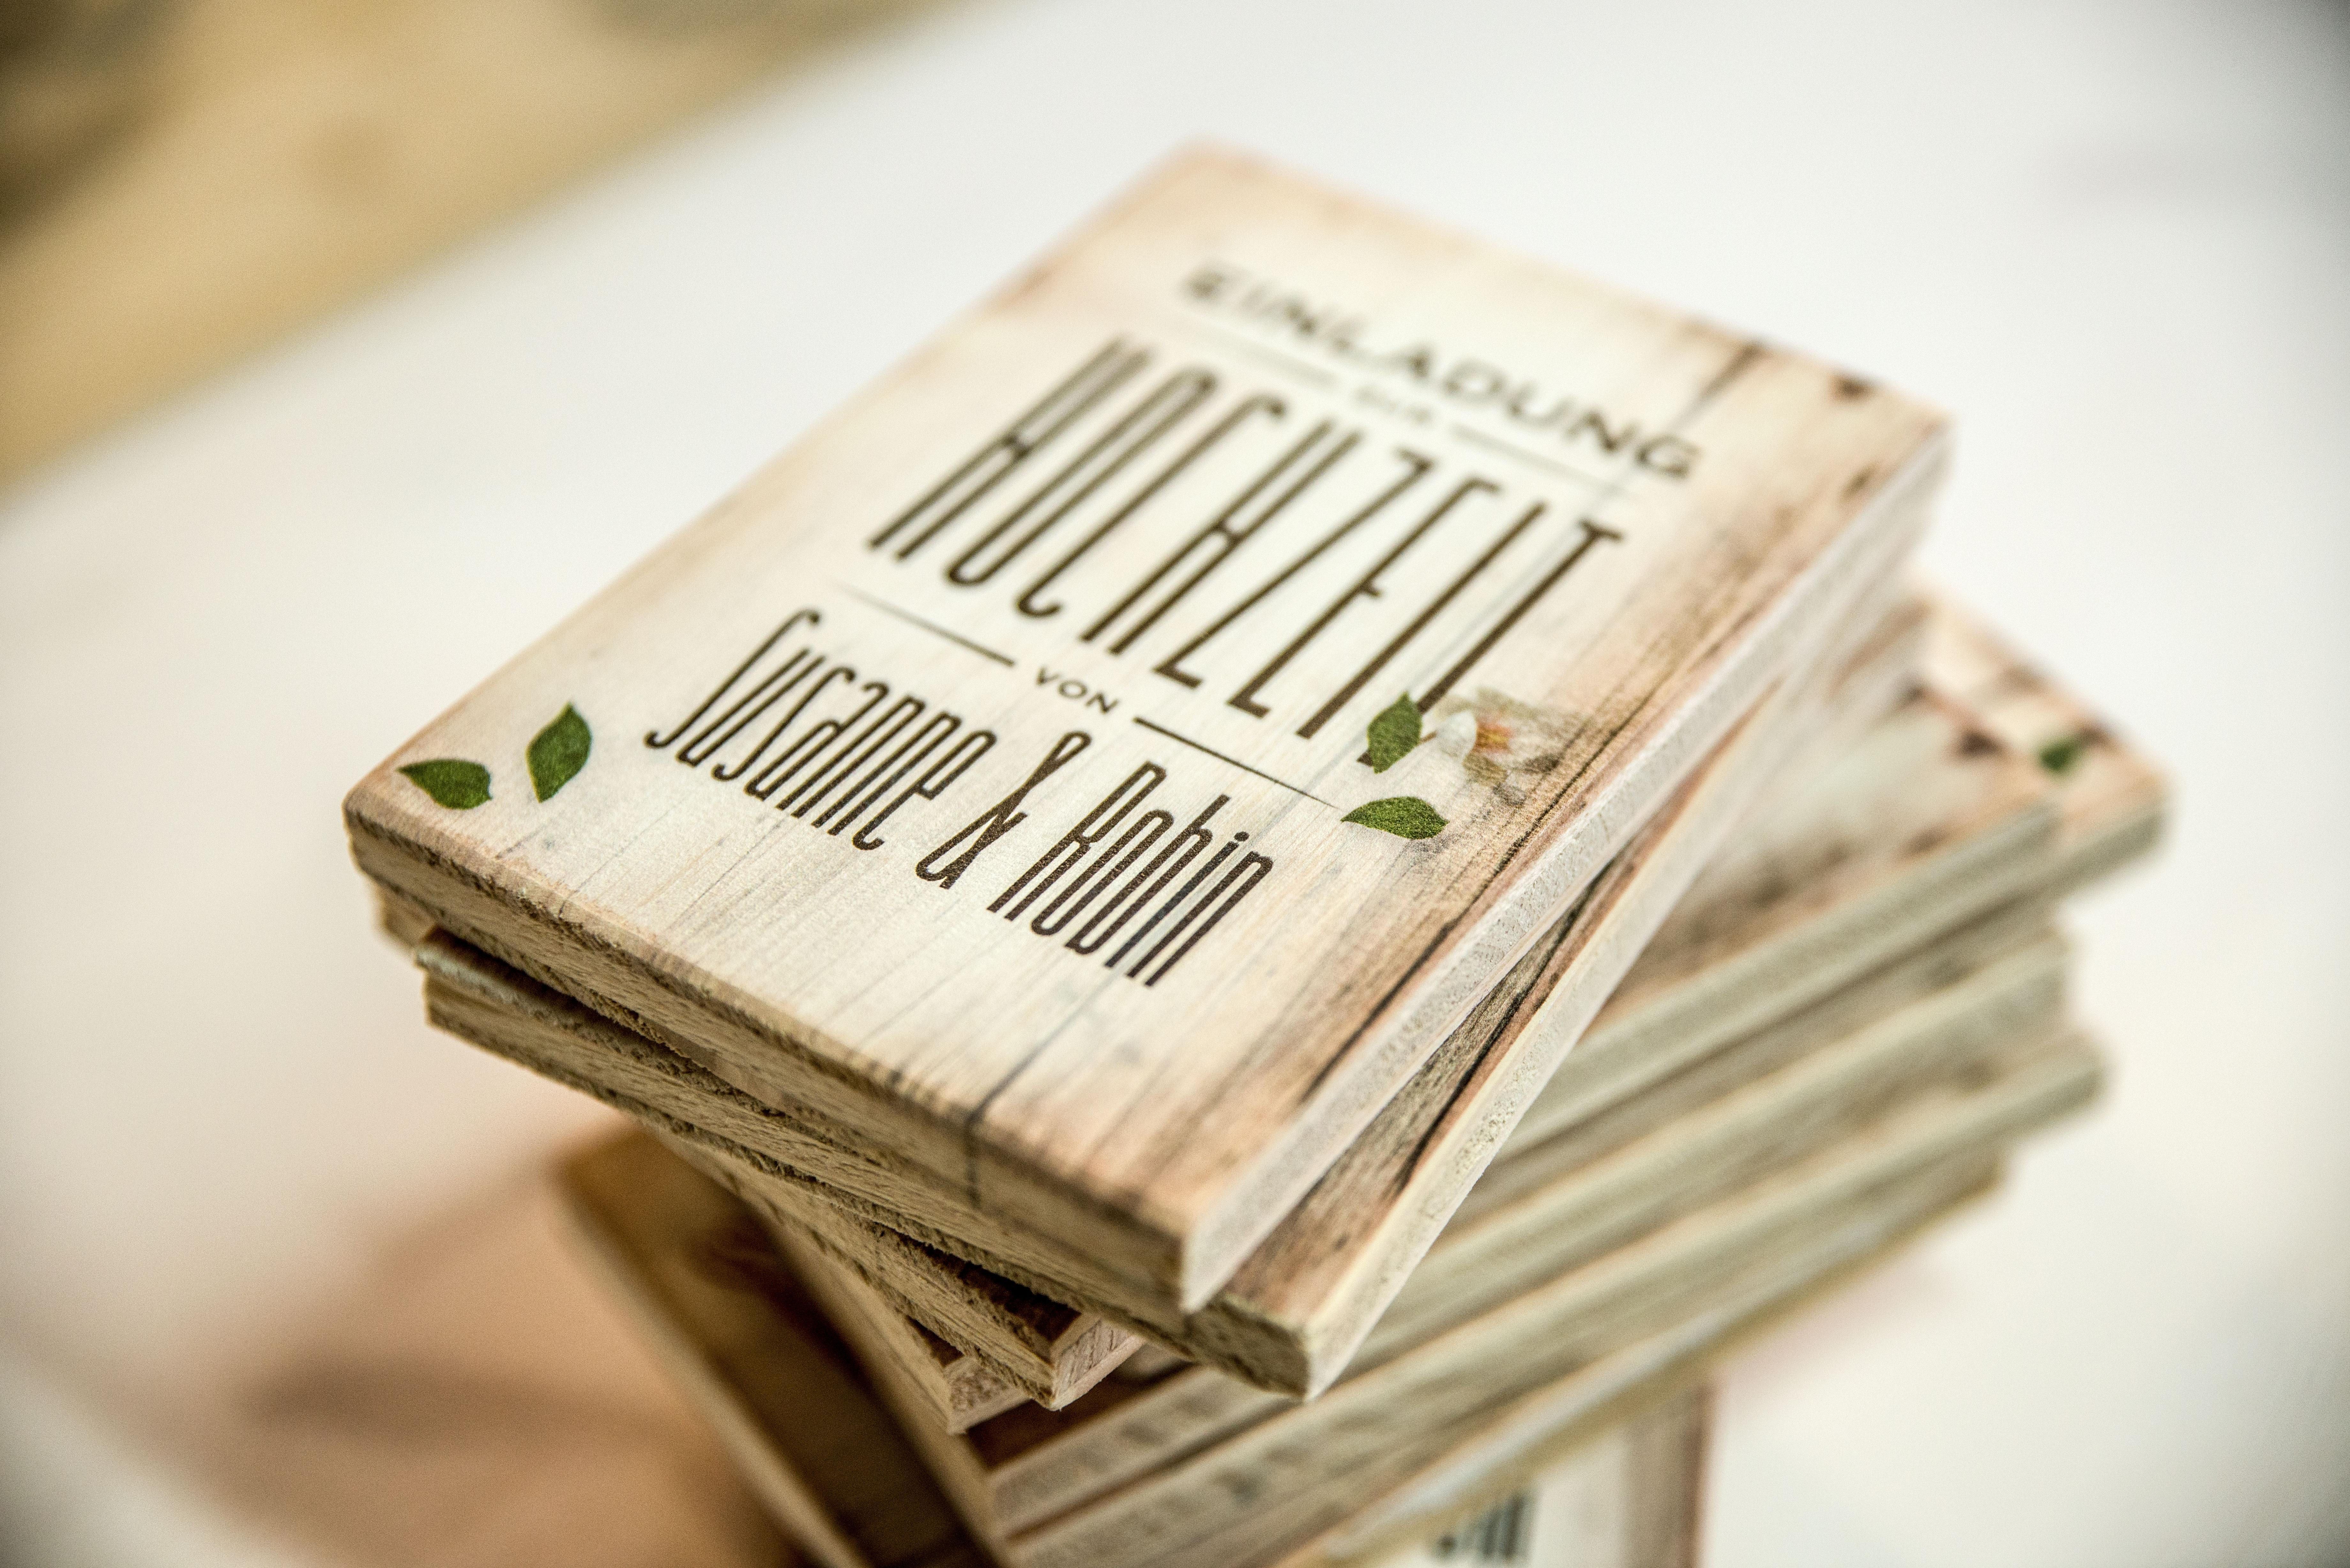 Massive Holzkarte bedruckt mit einer Einladung